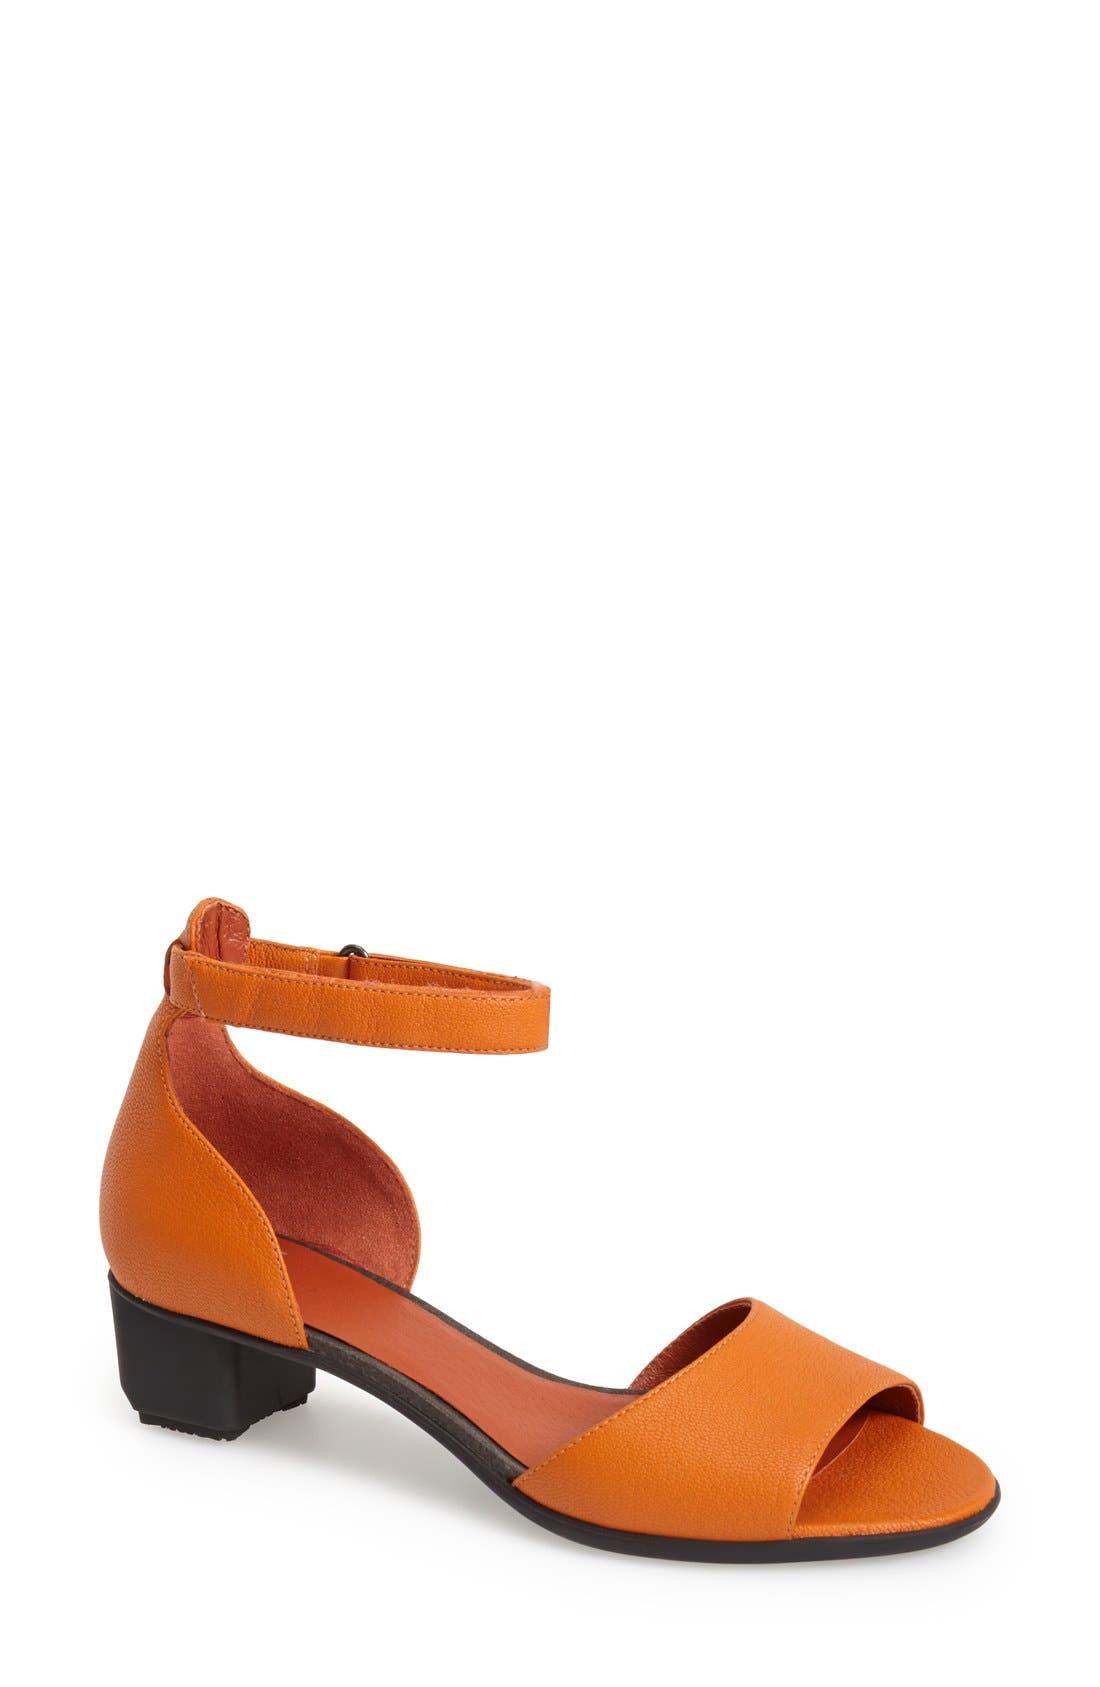 Main Image - Camper 'Beth' Ankle Strap Sandal (Women)